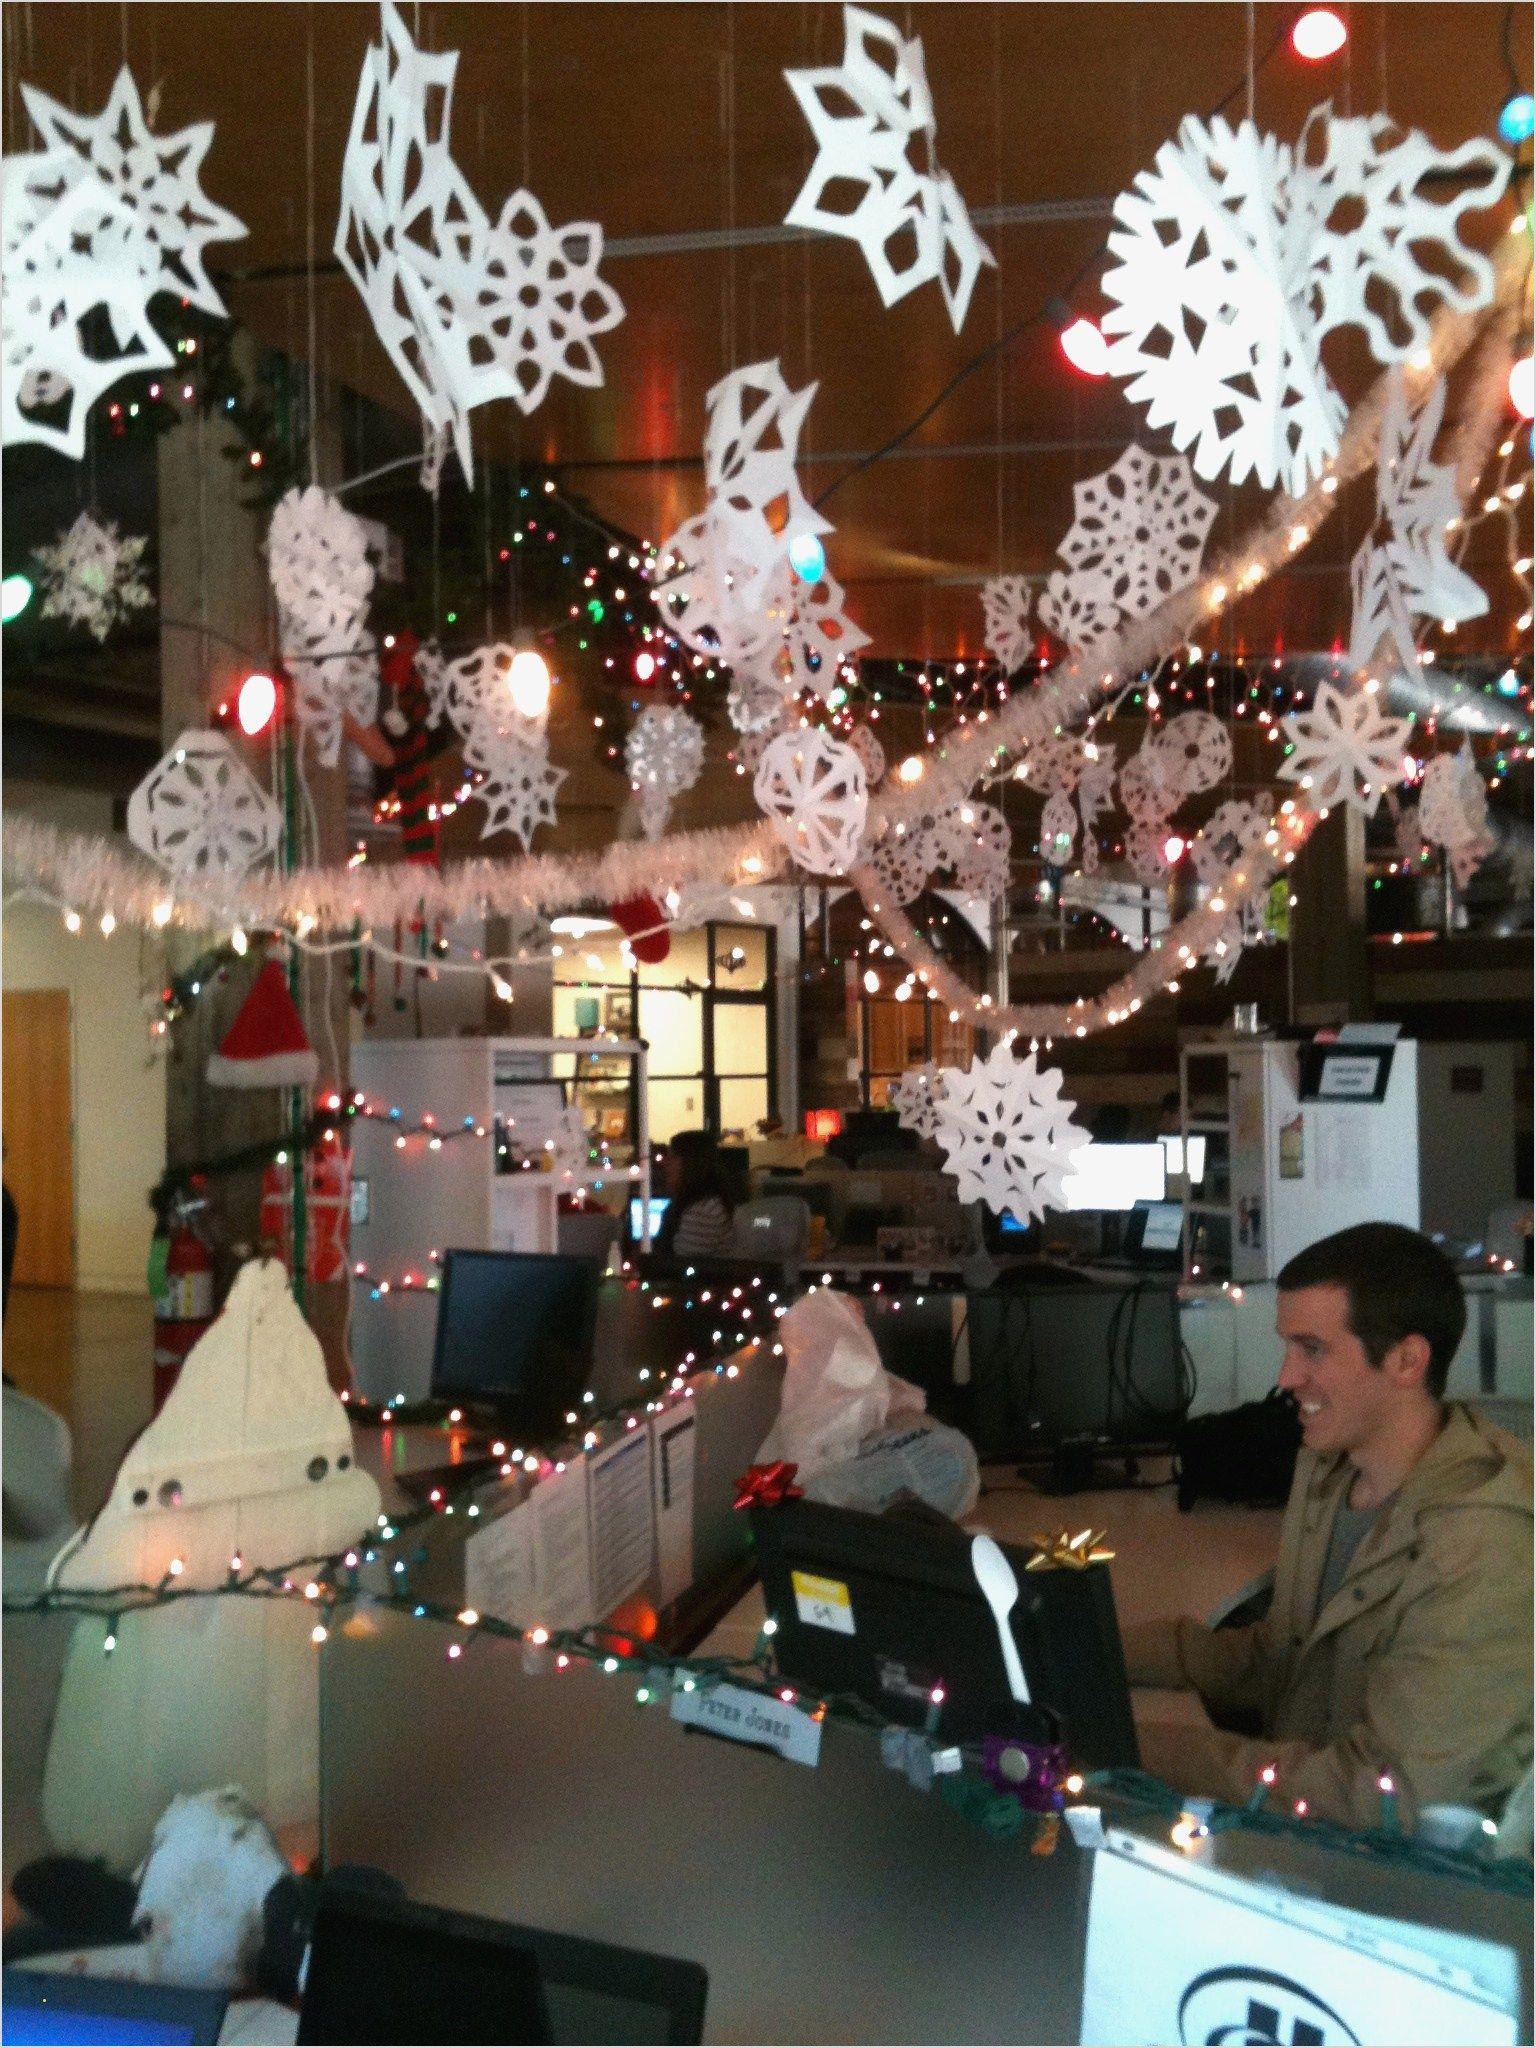 40 Perfect Office Christmas Decor Ideas 18 Office Christmas Decorations Office Christmas Holiday Wall Decor